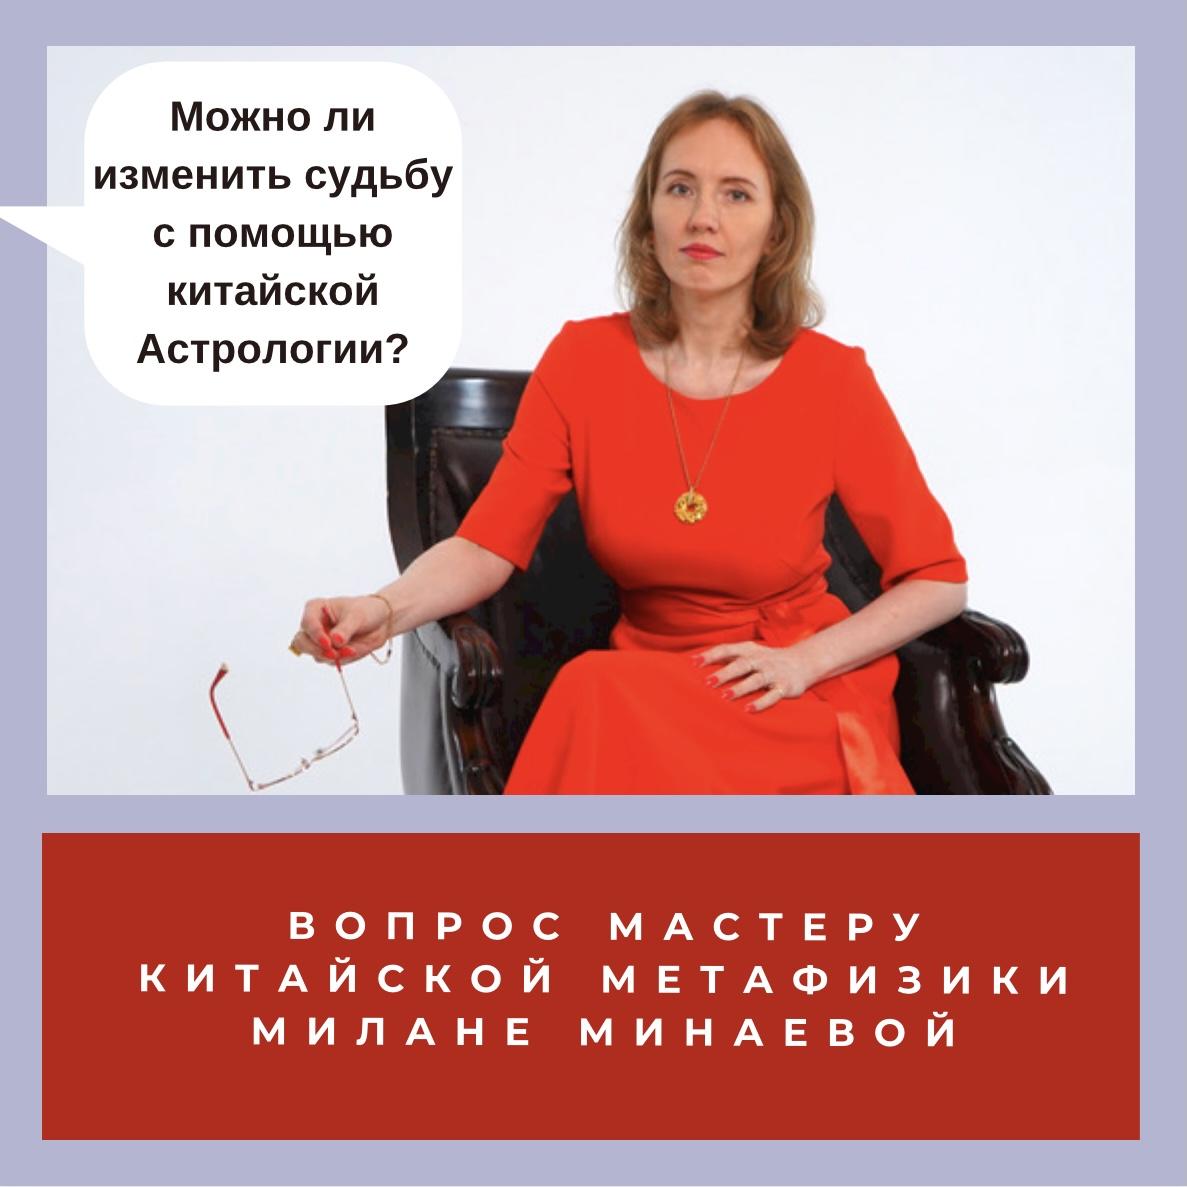 Китайская астрология - вопрос Мастеру Милане Минаевой - Fengshuimaster.ru